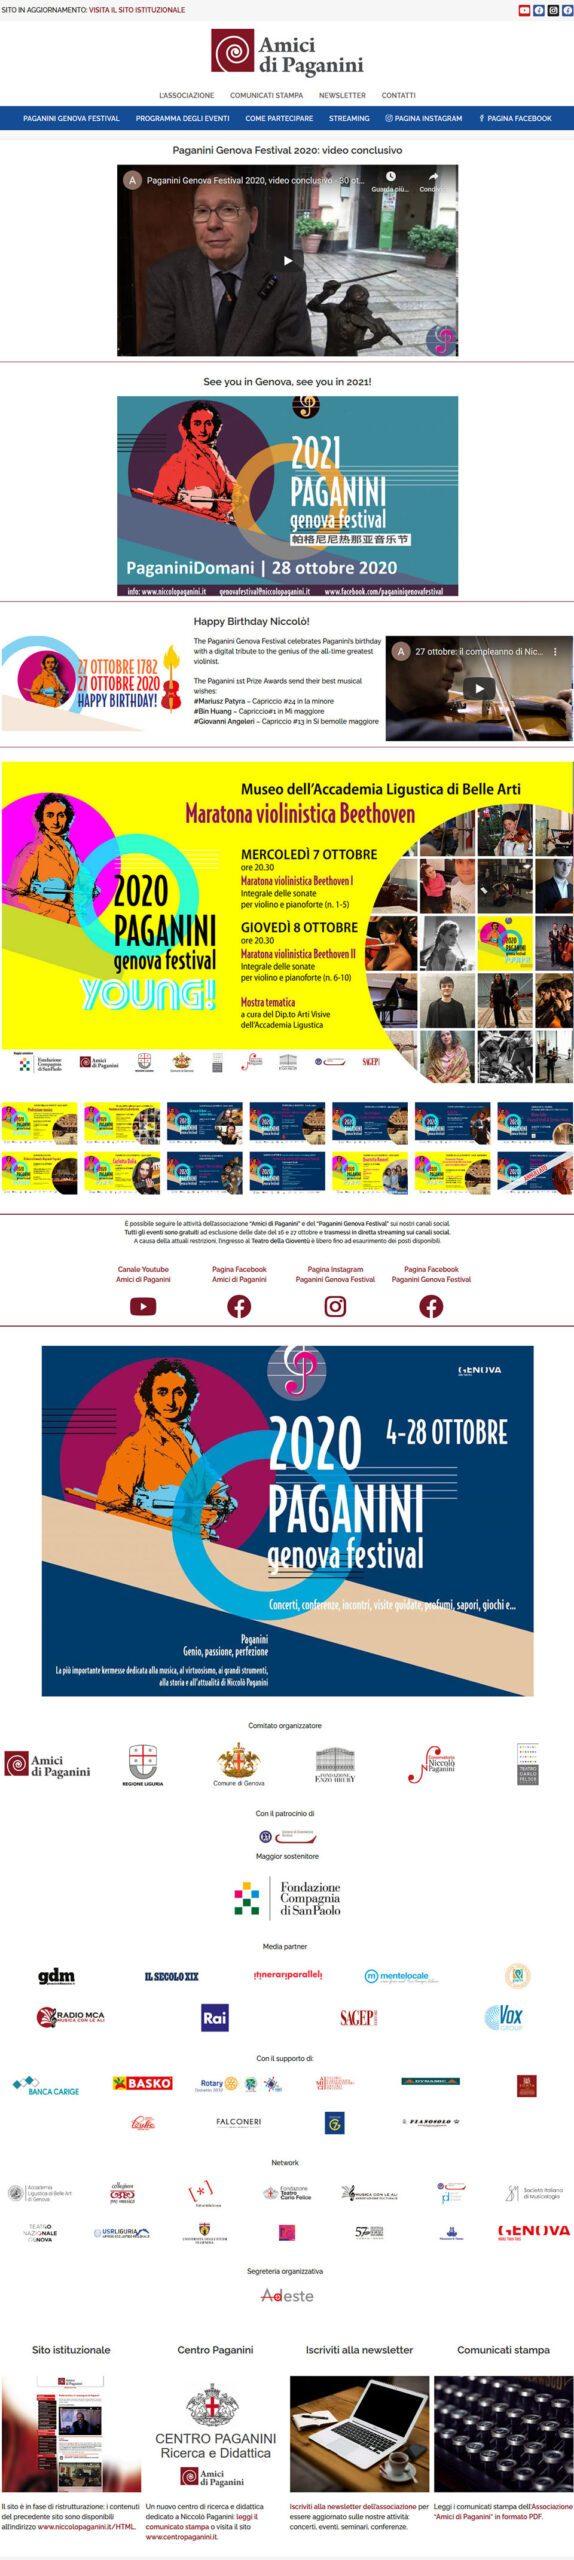 Schermata del sito degli Amici di Paganini